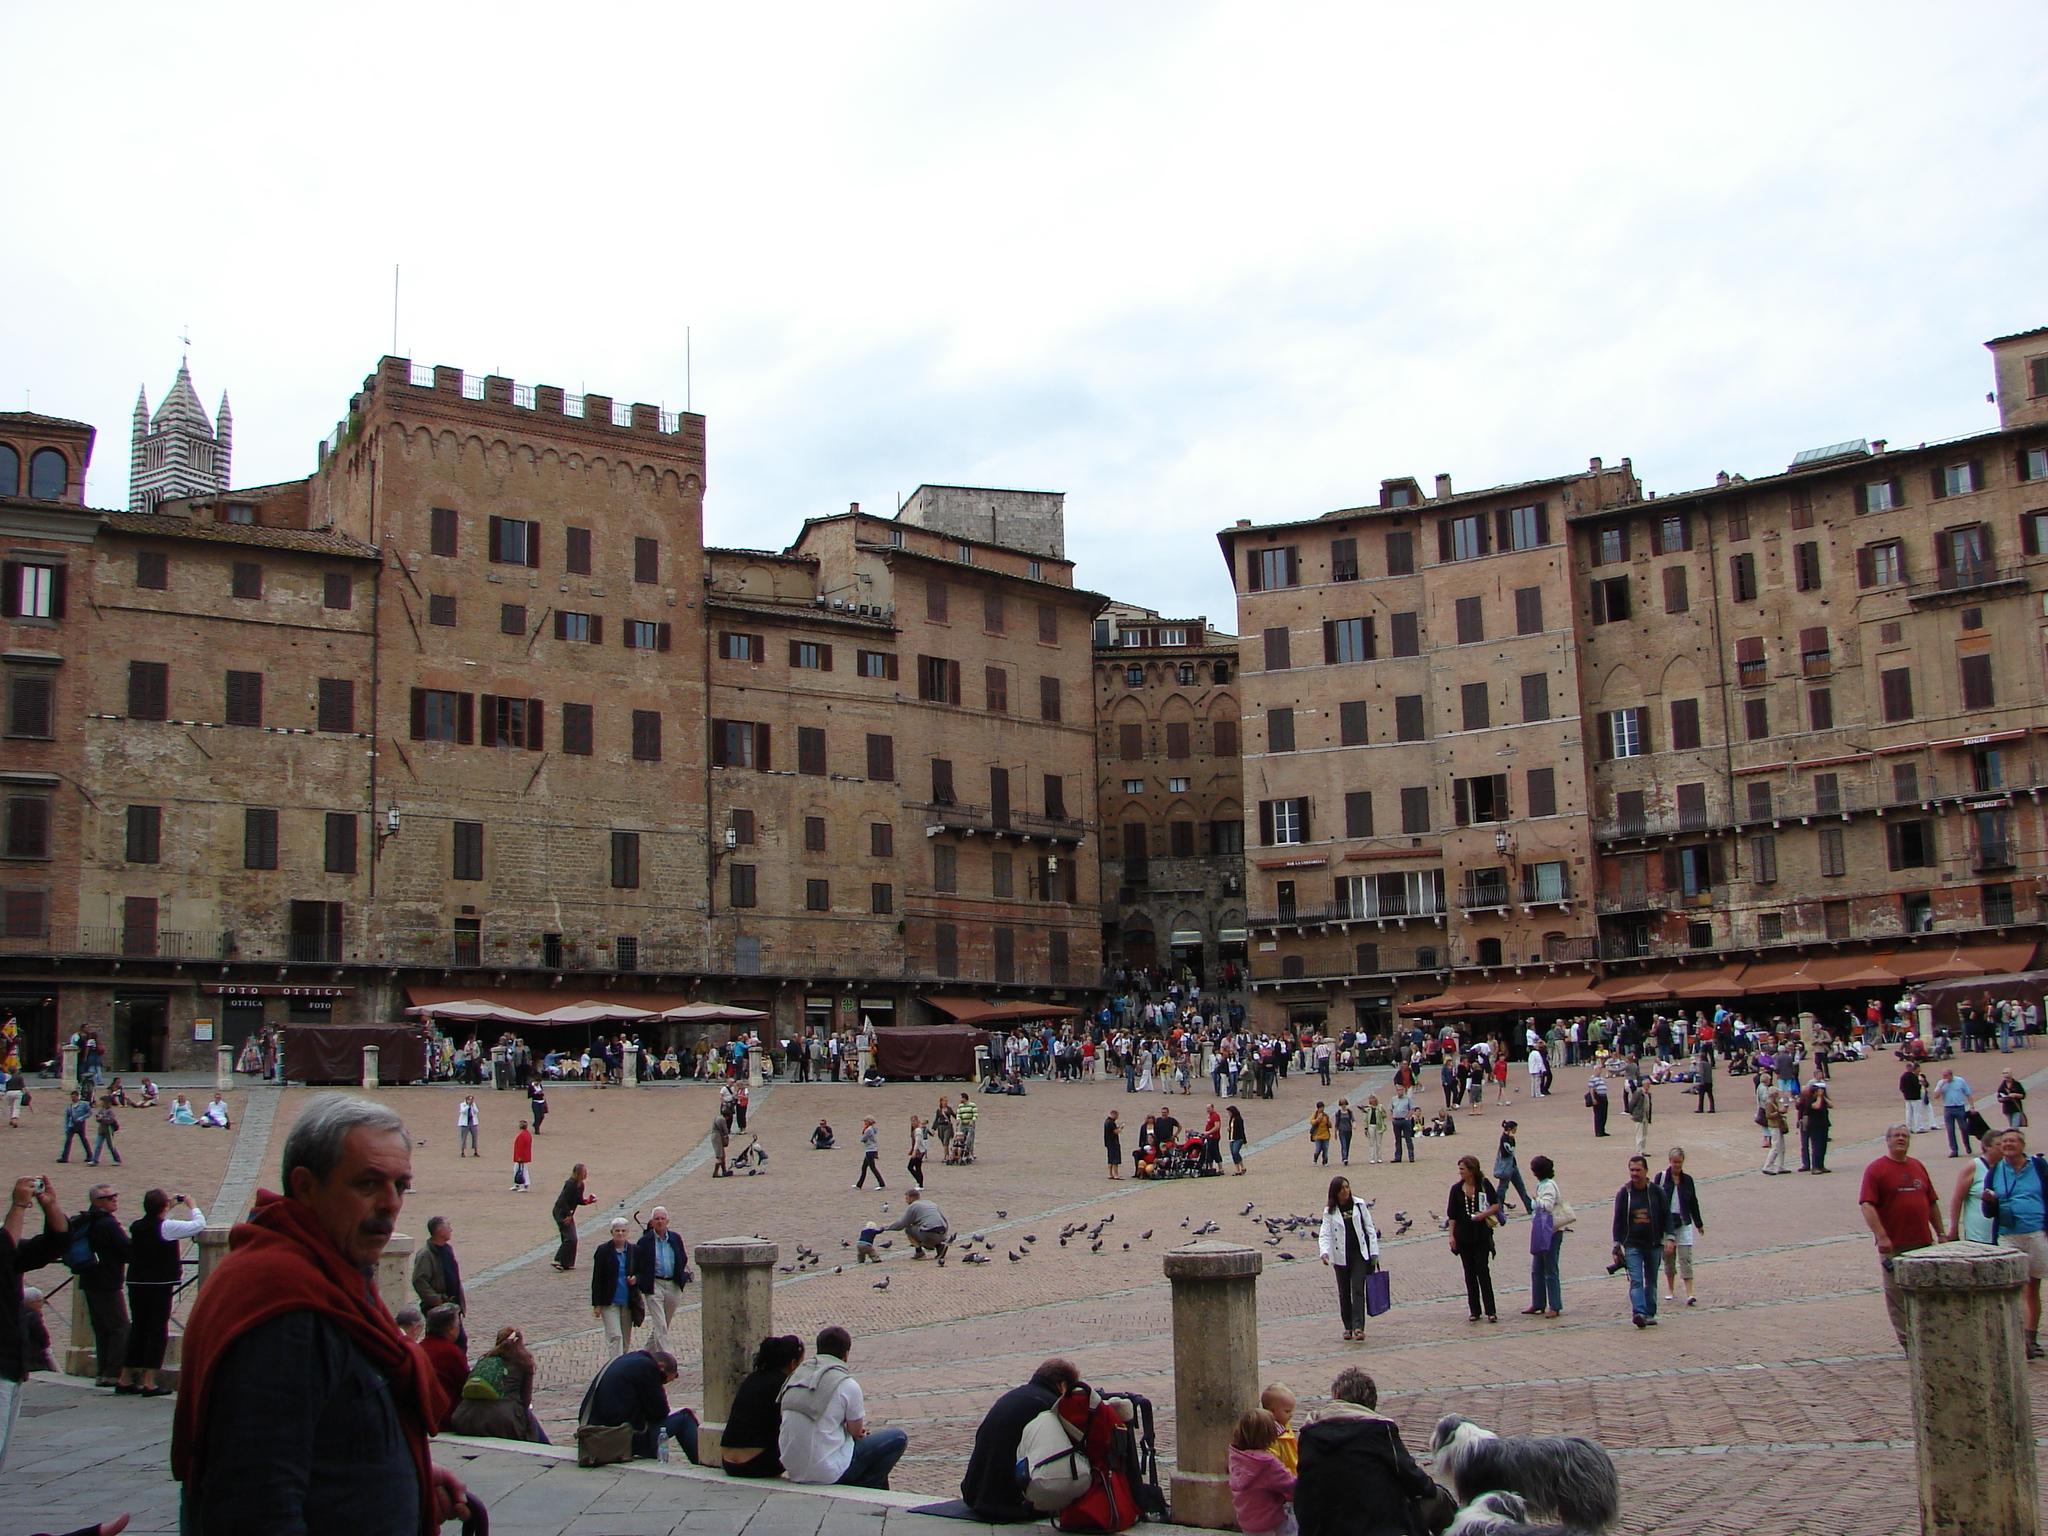 Sienna's Piazzo del Campo